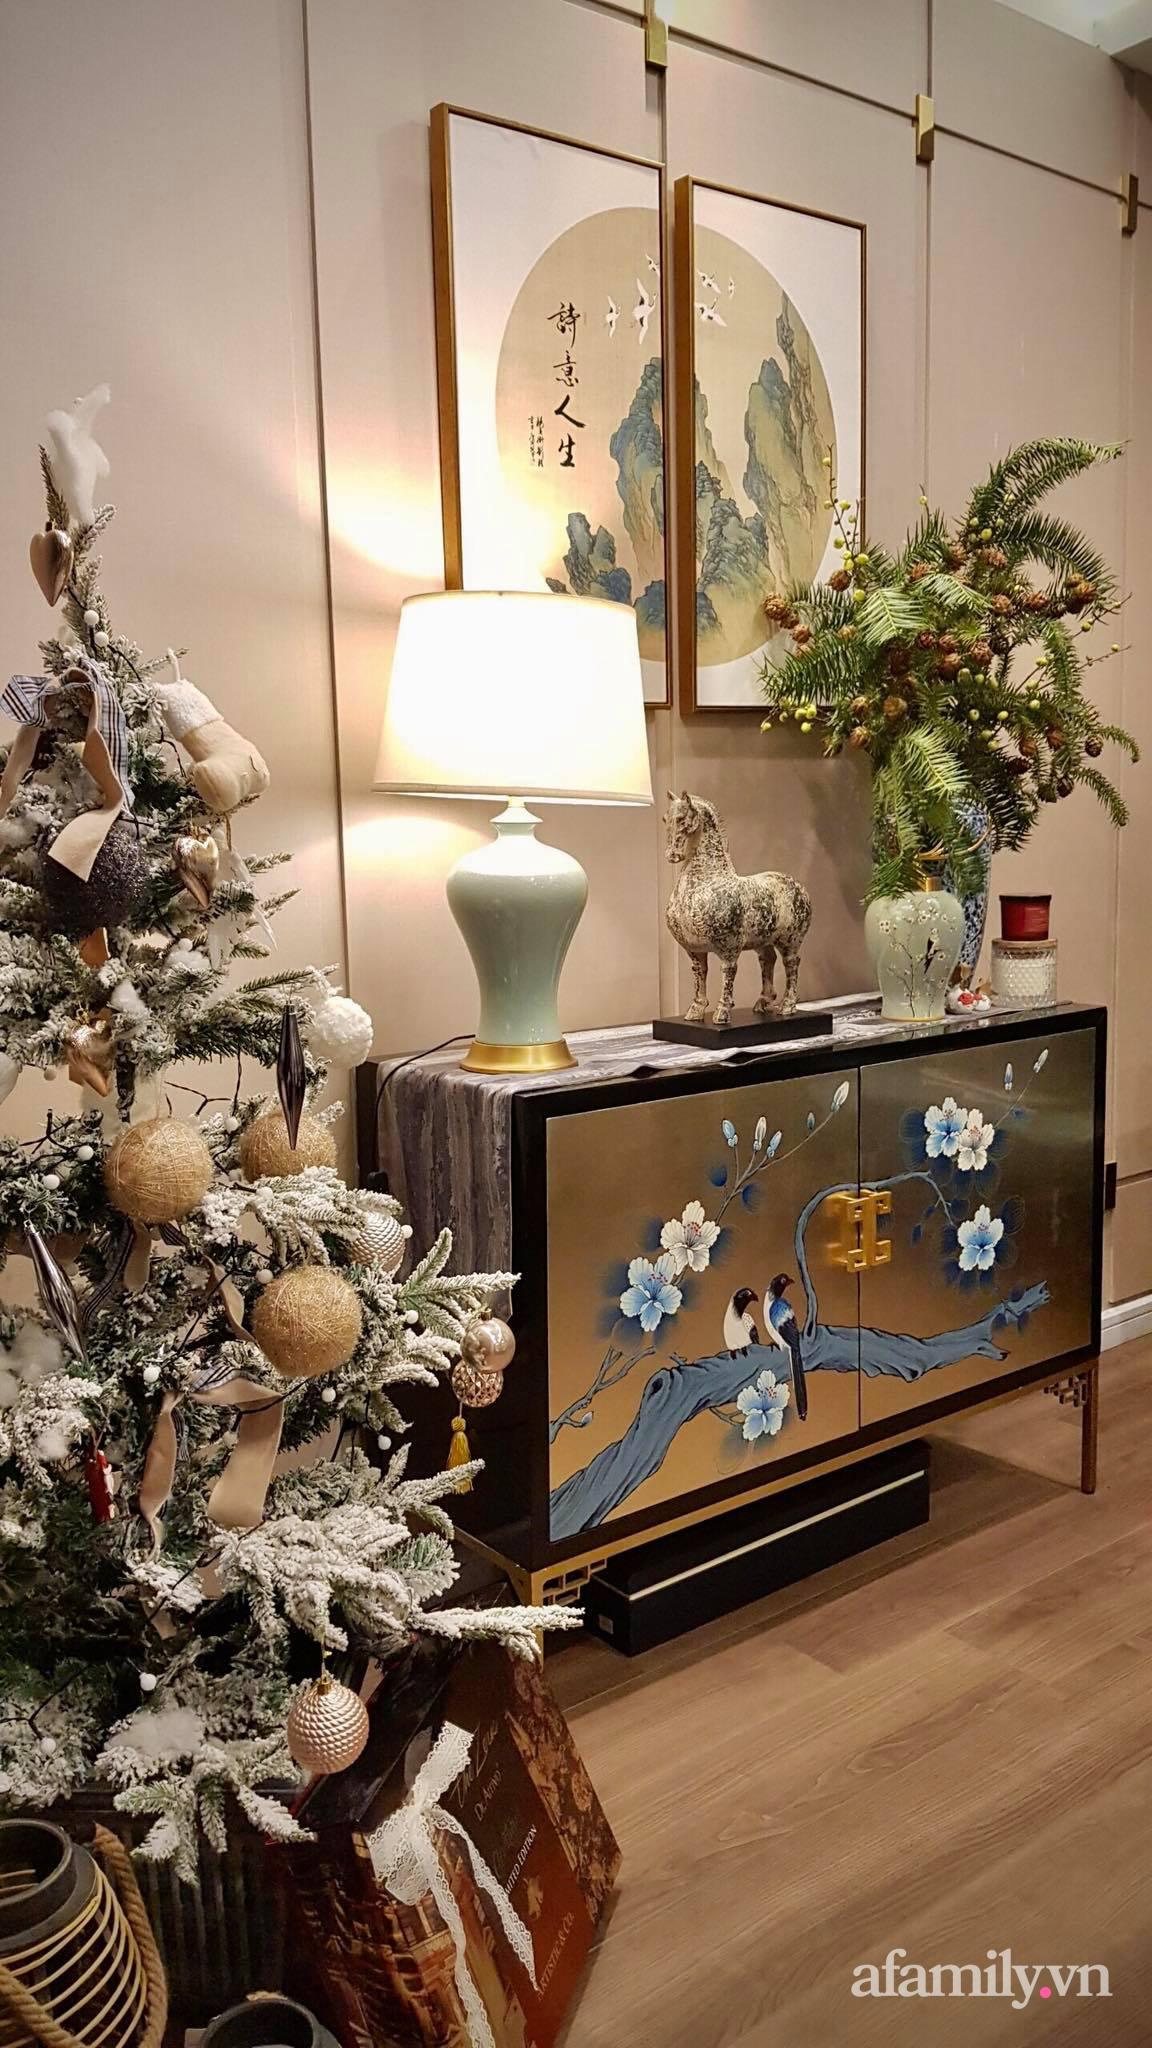 """Căn hộ """"thắp sáng"""" những sắc màu giúp từng góc nhỏ thêm ấm cúng đón Giáng sinh ở Hà Nội - Ảnh 8."""